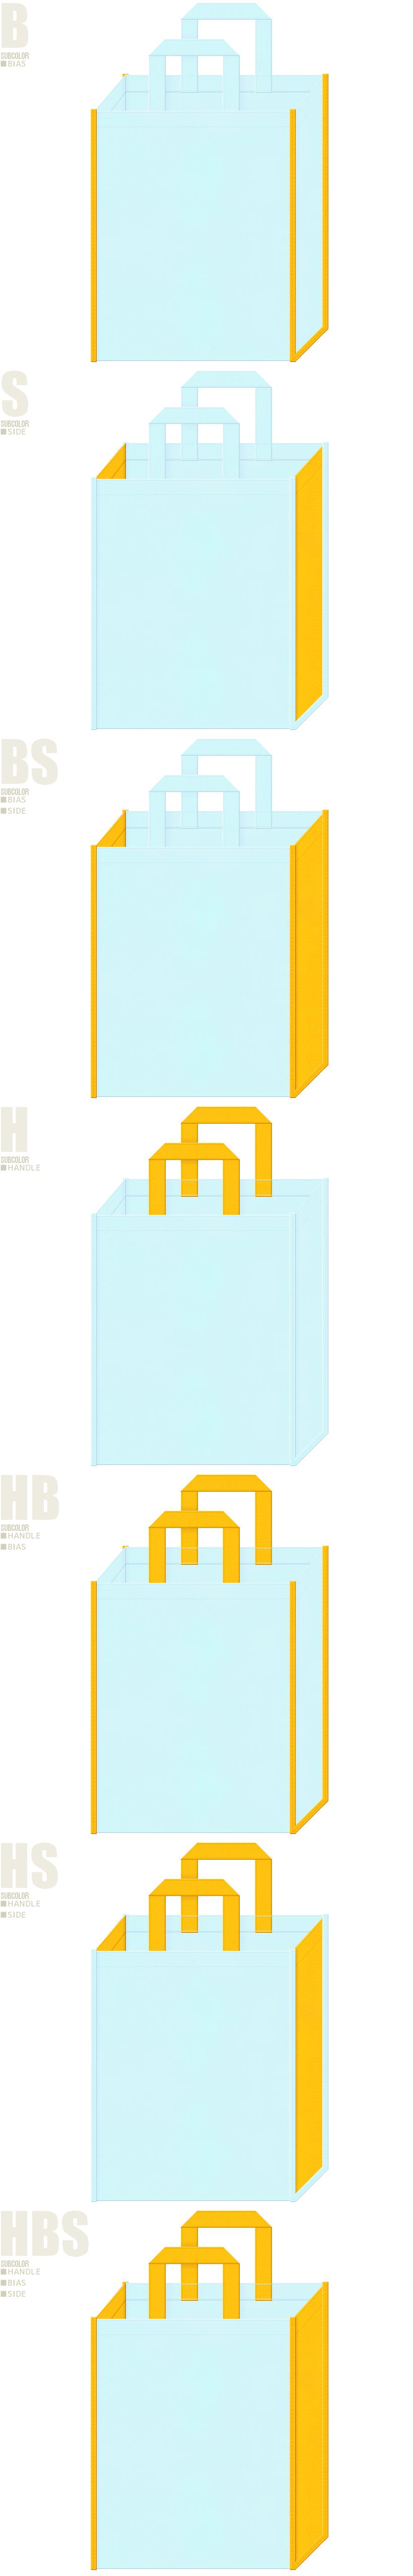 通園バッグ・レッスンバッグ・ビタミン・サプリメント・アヒル・お風呂のおもちゃ・バス用品の展示会用バッグにお奨めの不織布バッグデザイン:水色と黄色の配色7パターン